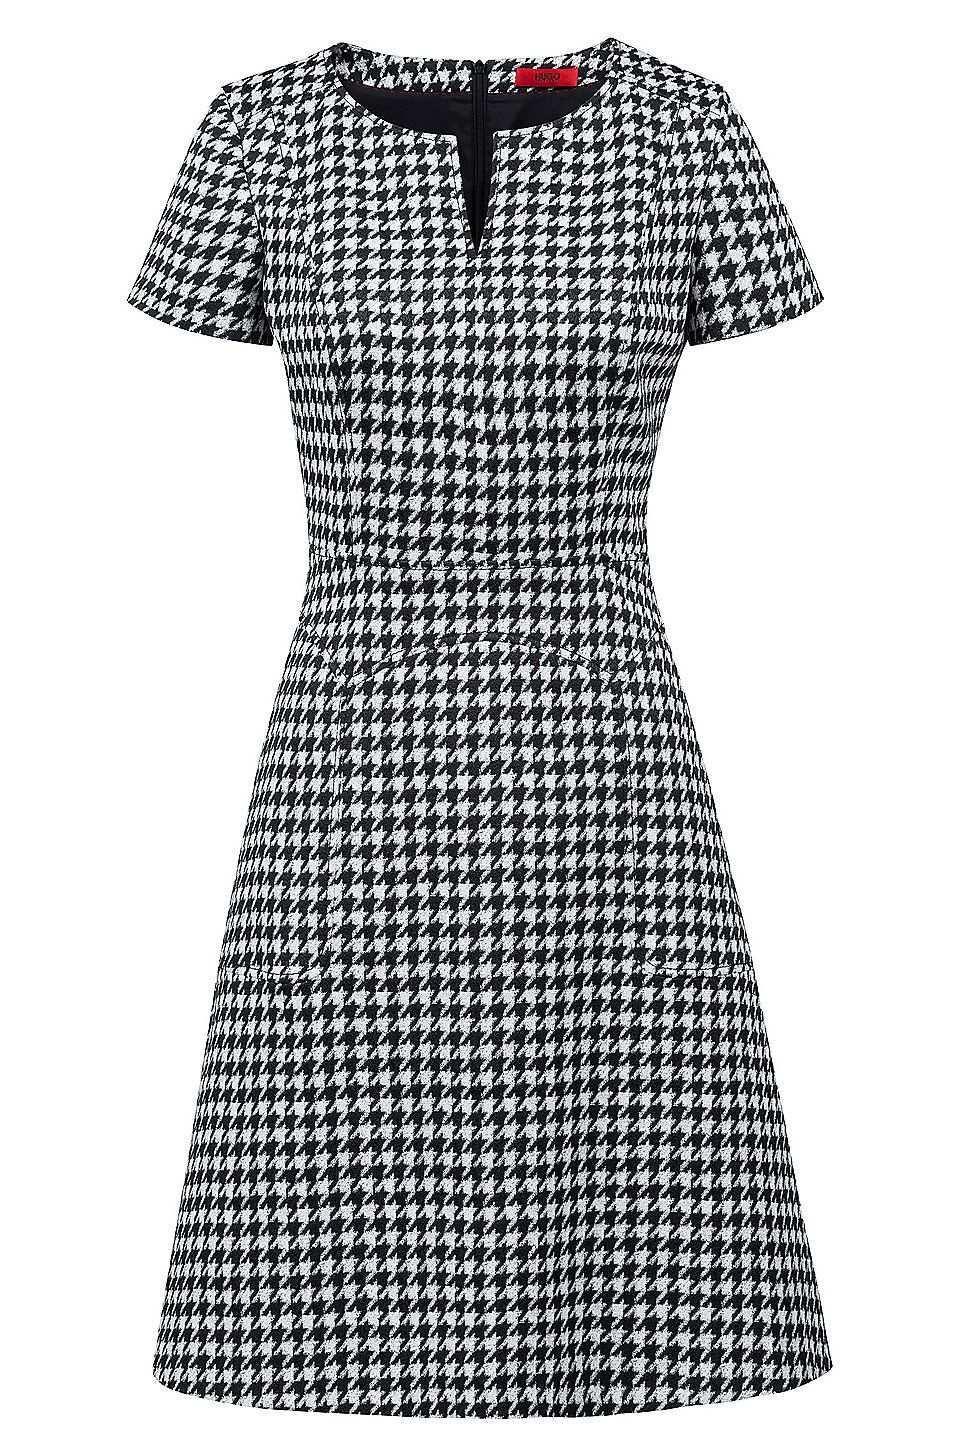 A Linien Kleid Aus Elastischem Baumwoll Mix Mit Hahnentritt Muster Gemustert Business Kleider Von Hugo Fu Vestidos Estilosos Vestido Facil Vestidos Casuais